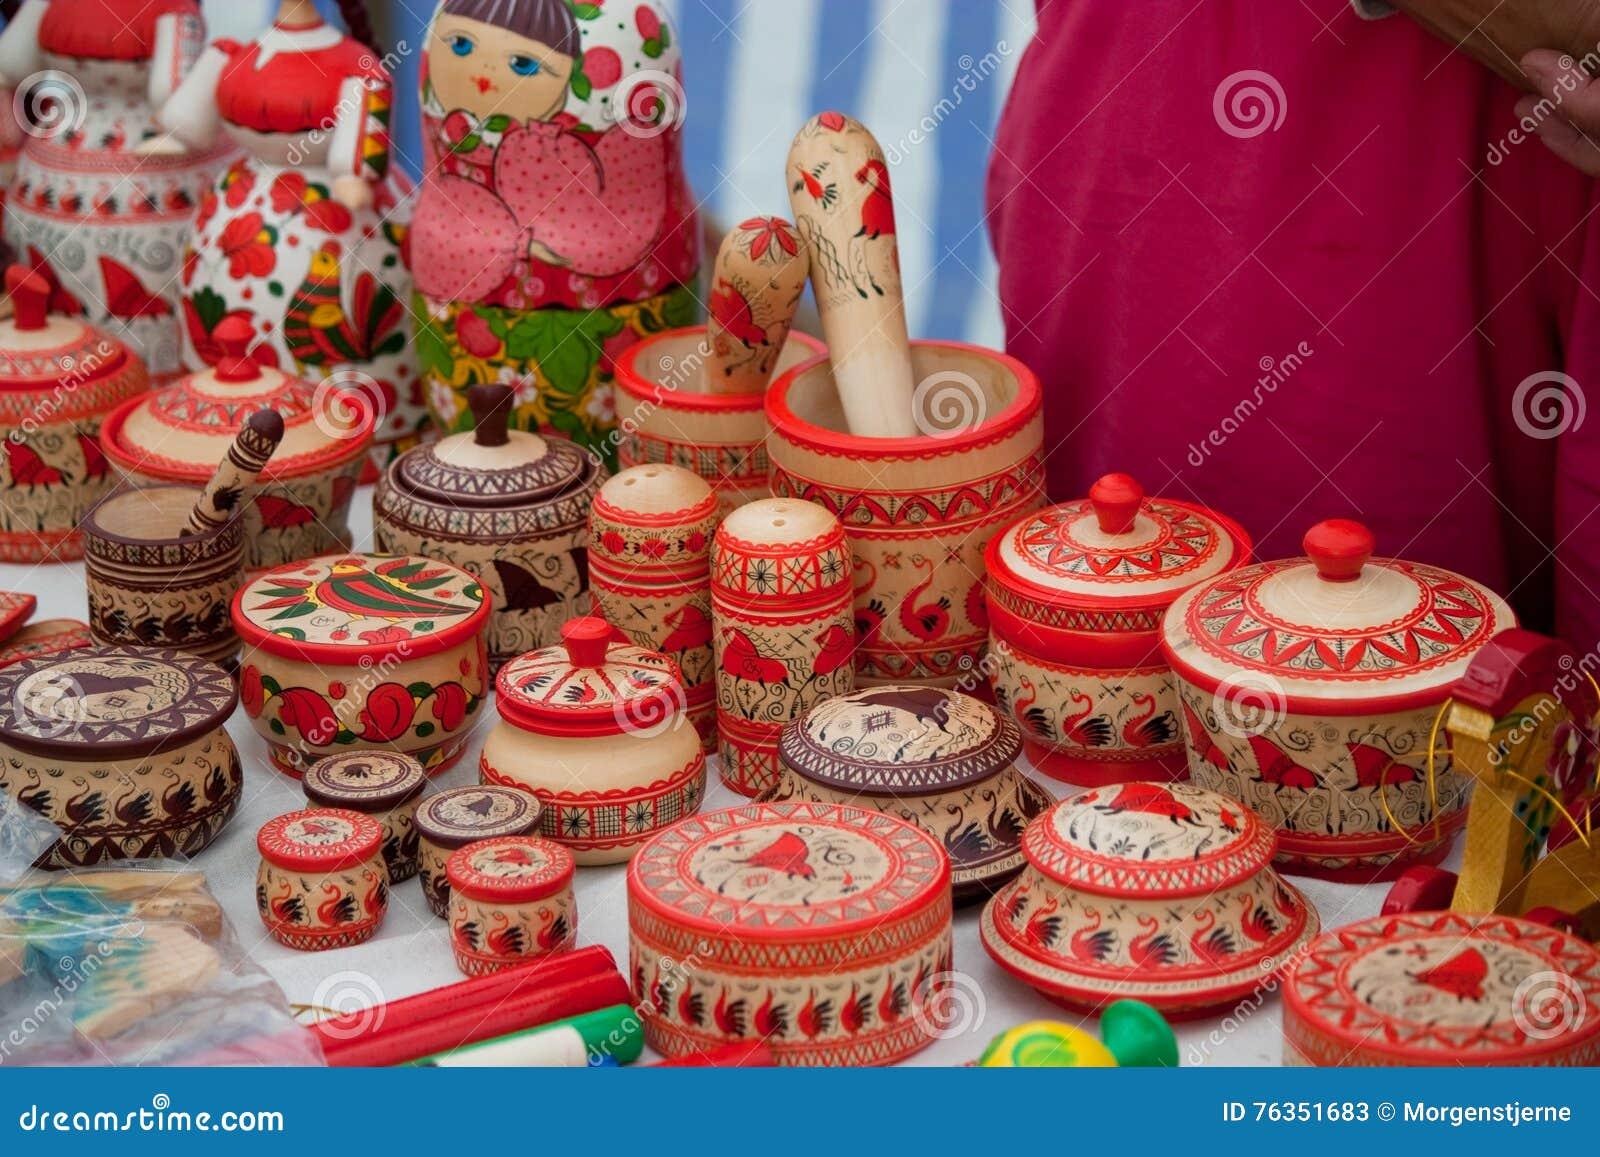 Décoration Folklorique, Conception Russe Nordique De Style Image